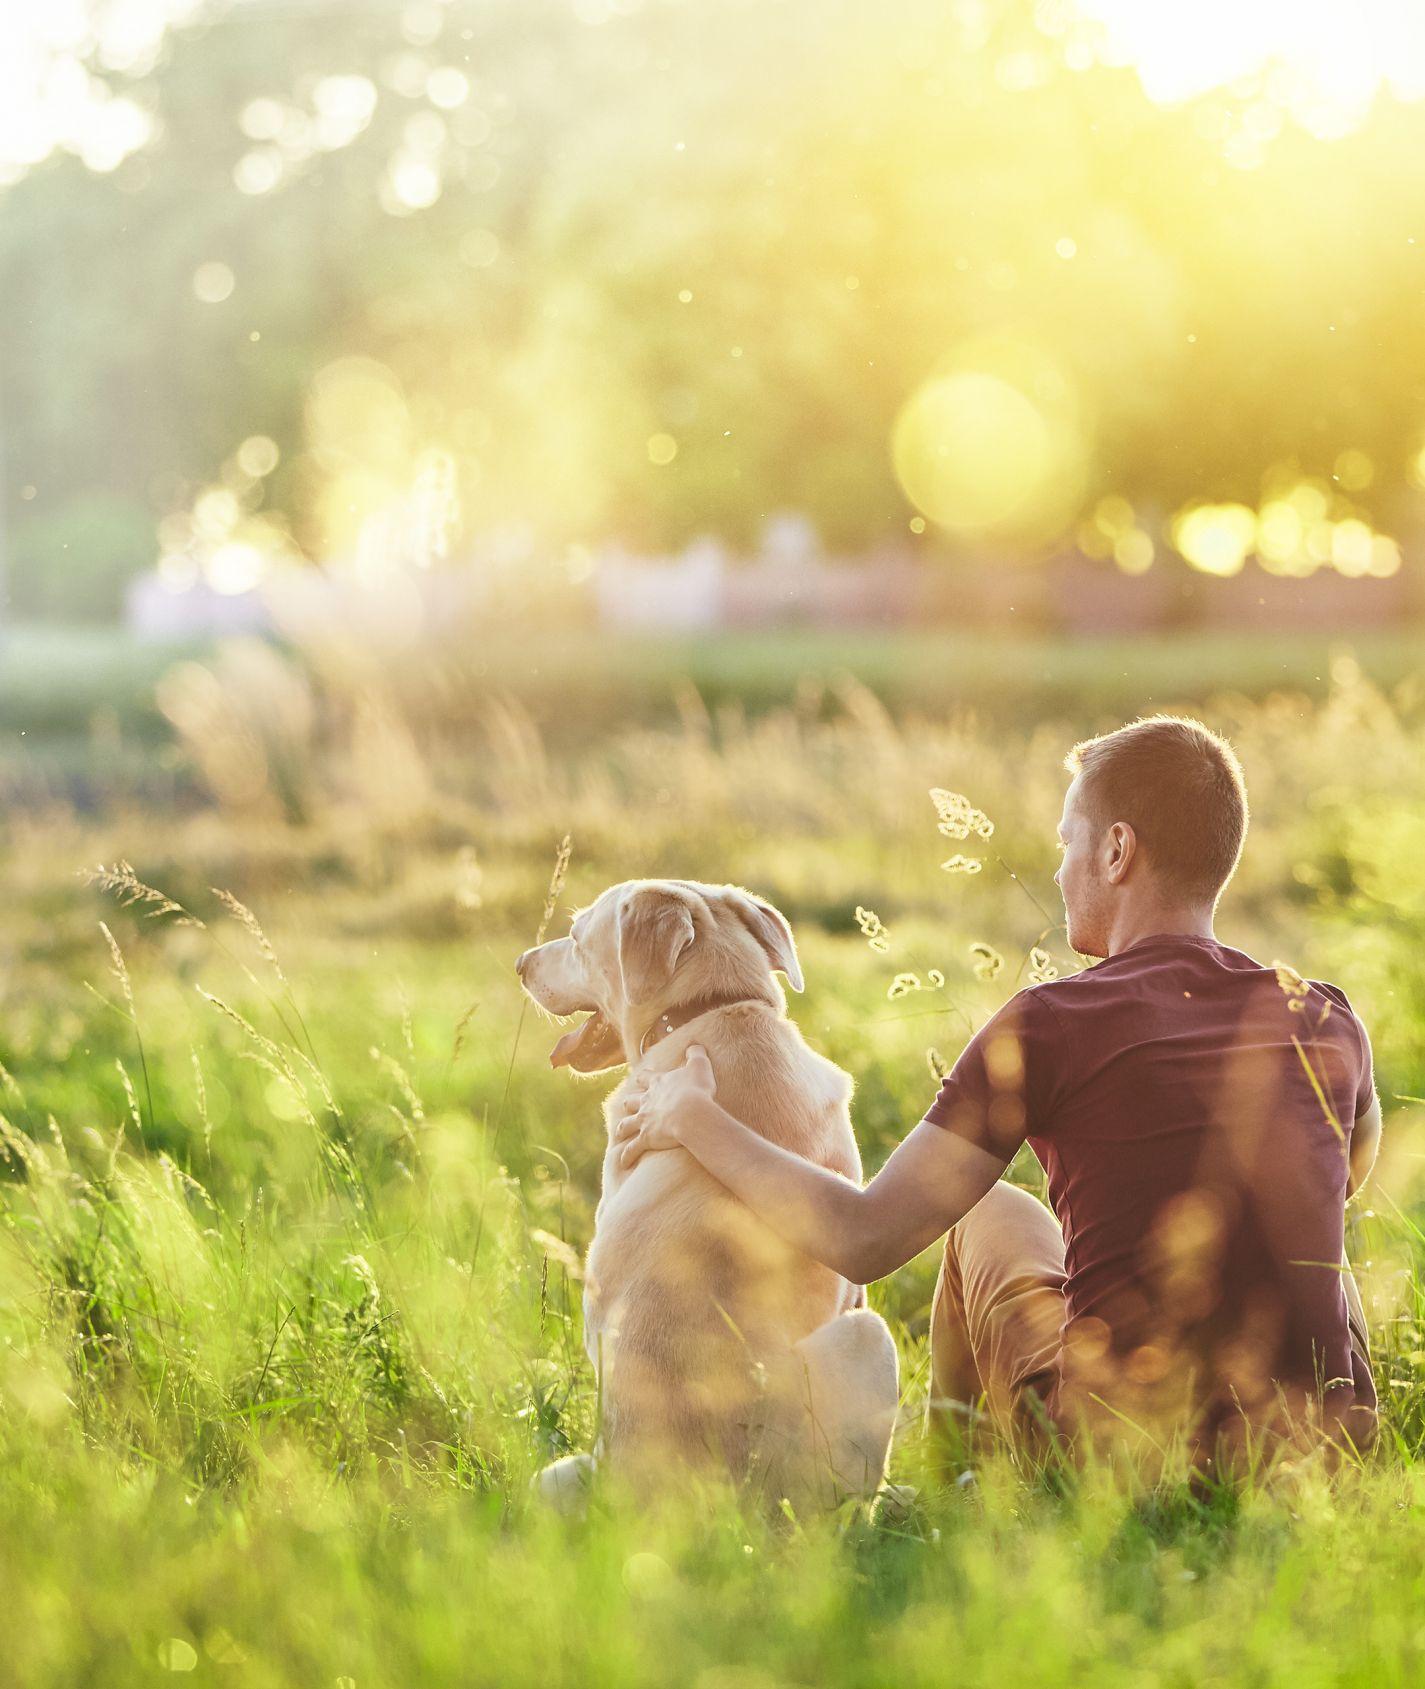 Mann mit Hund auf einem Feld gucken in die Ferne